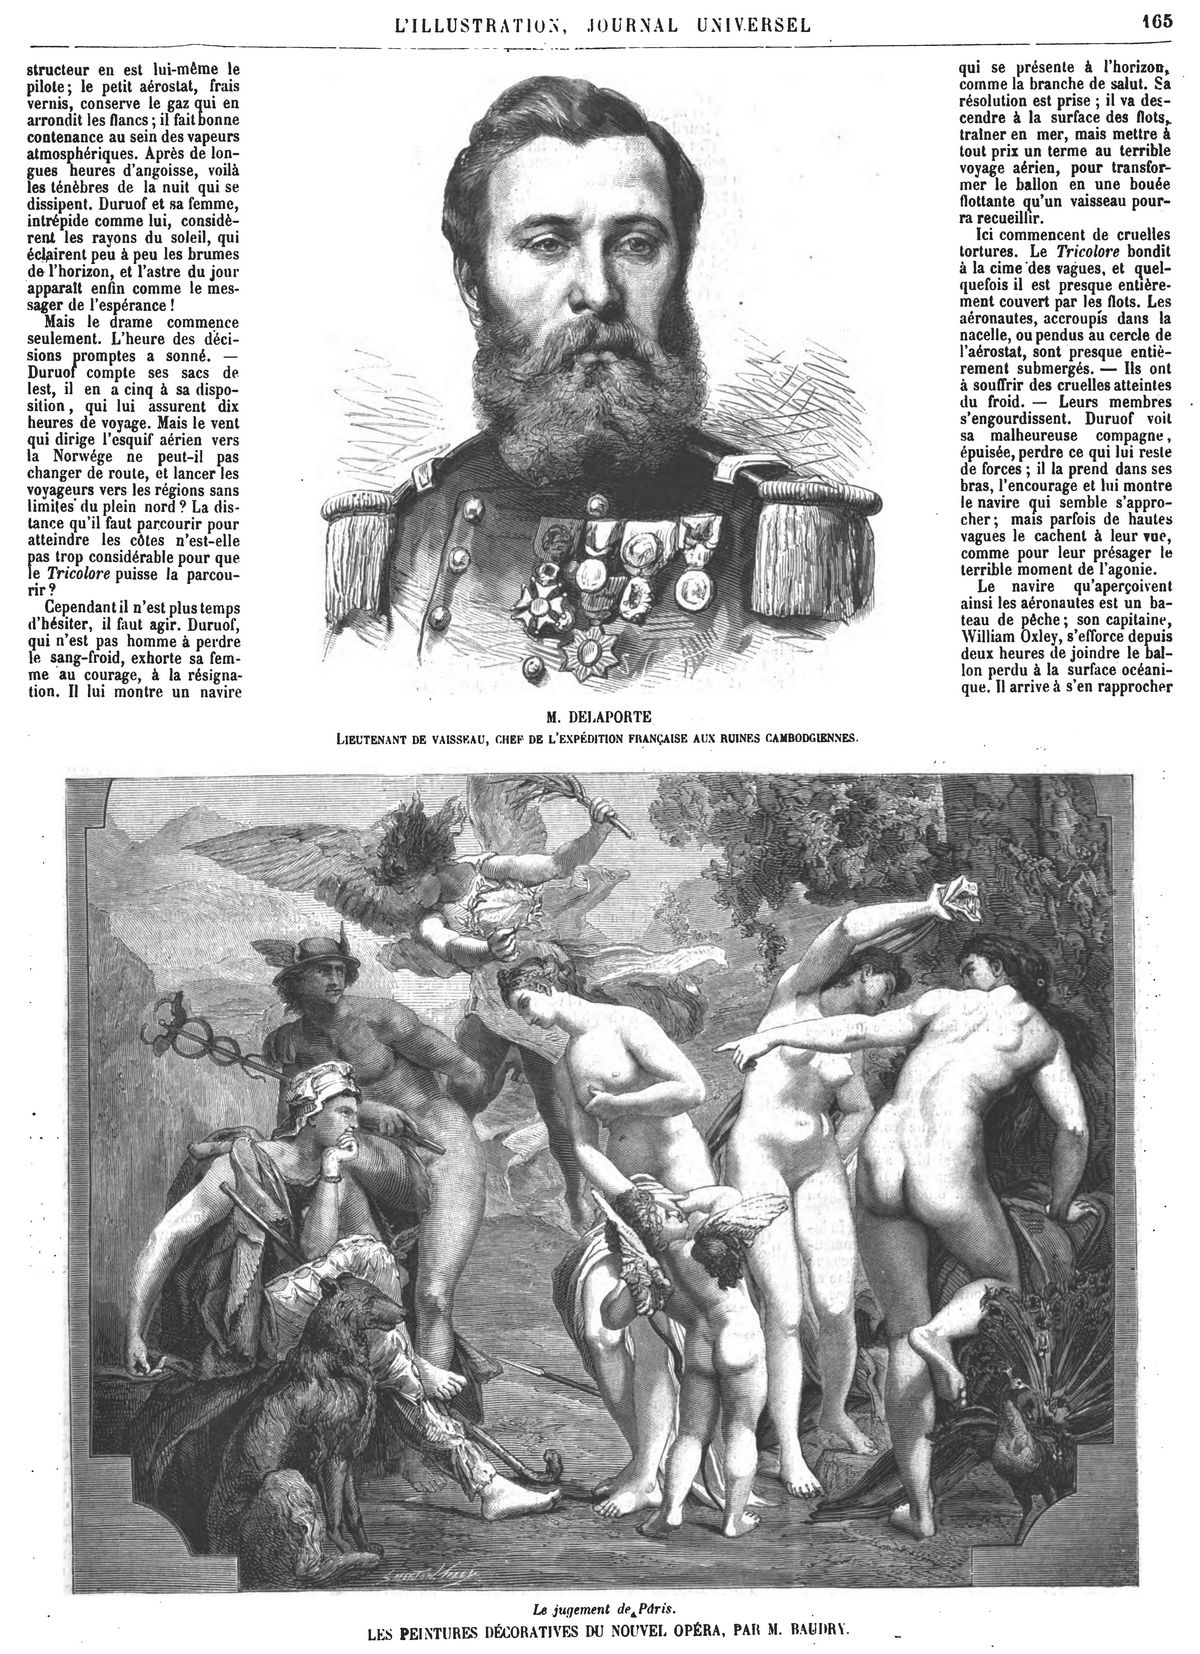 M Delaporte, lieutenant de vaisseau, commandant l'expédition française aux ruines cambodgiennes. Gravures 1874